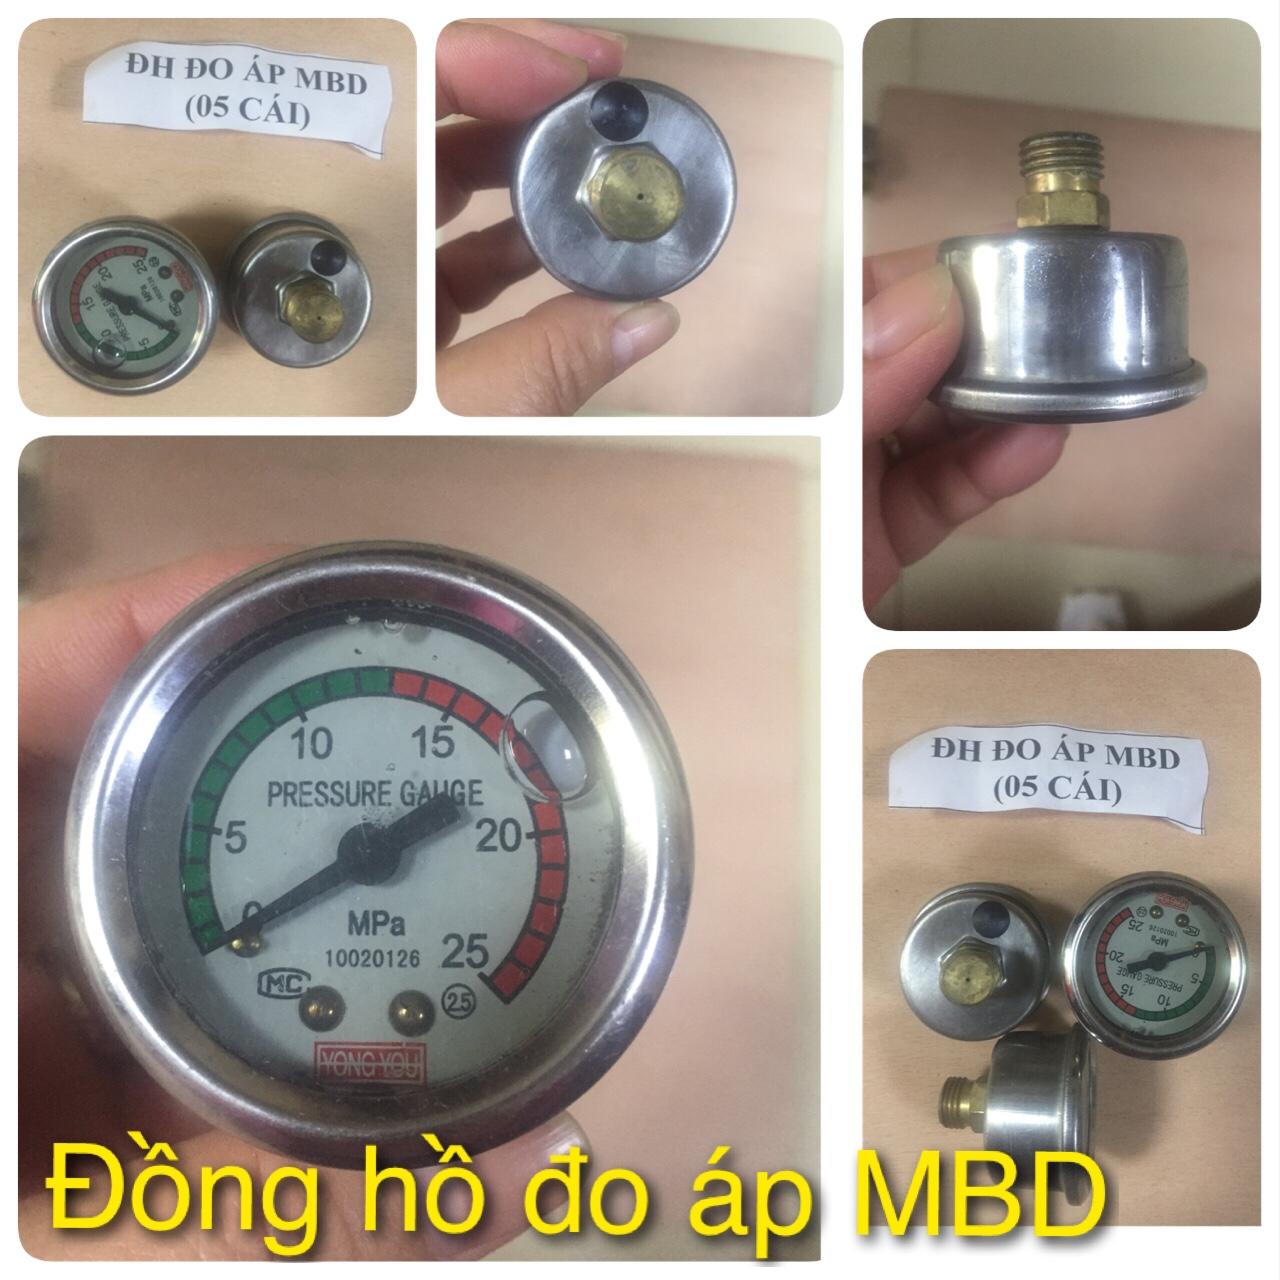 Đồng Hồ Đo Áp MBD